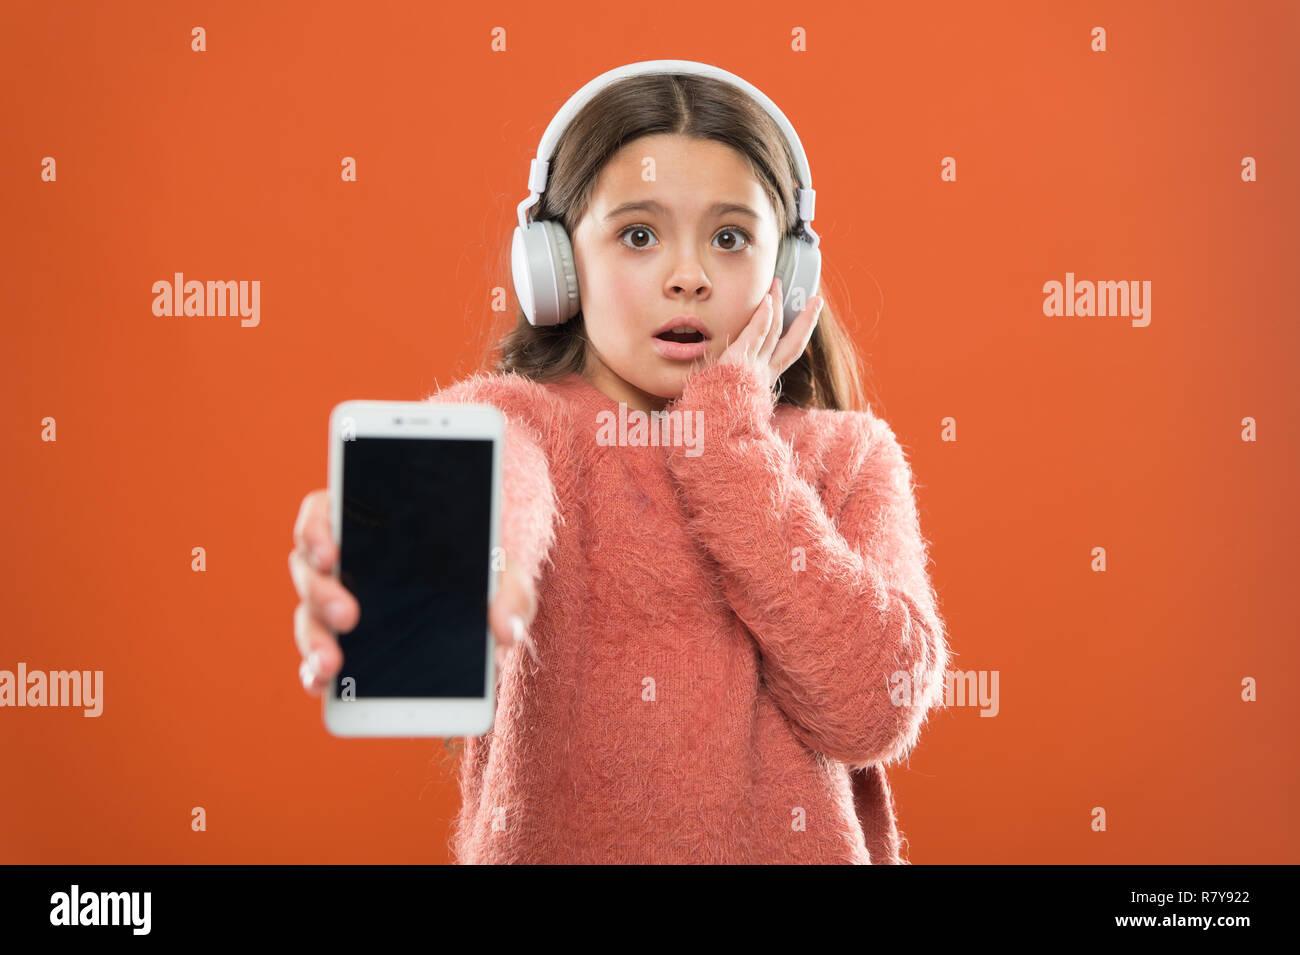 La version de l'application obsolète. Best free apps de musique. Ecoutez gratuitement. Obtenir de la musique compte abonnement. Profitez de la musique concept. Profitez d'un son parfait. Petite fille musique écouter casque moderne et smartphone. Photo Stock